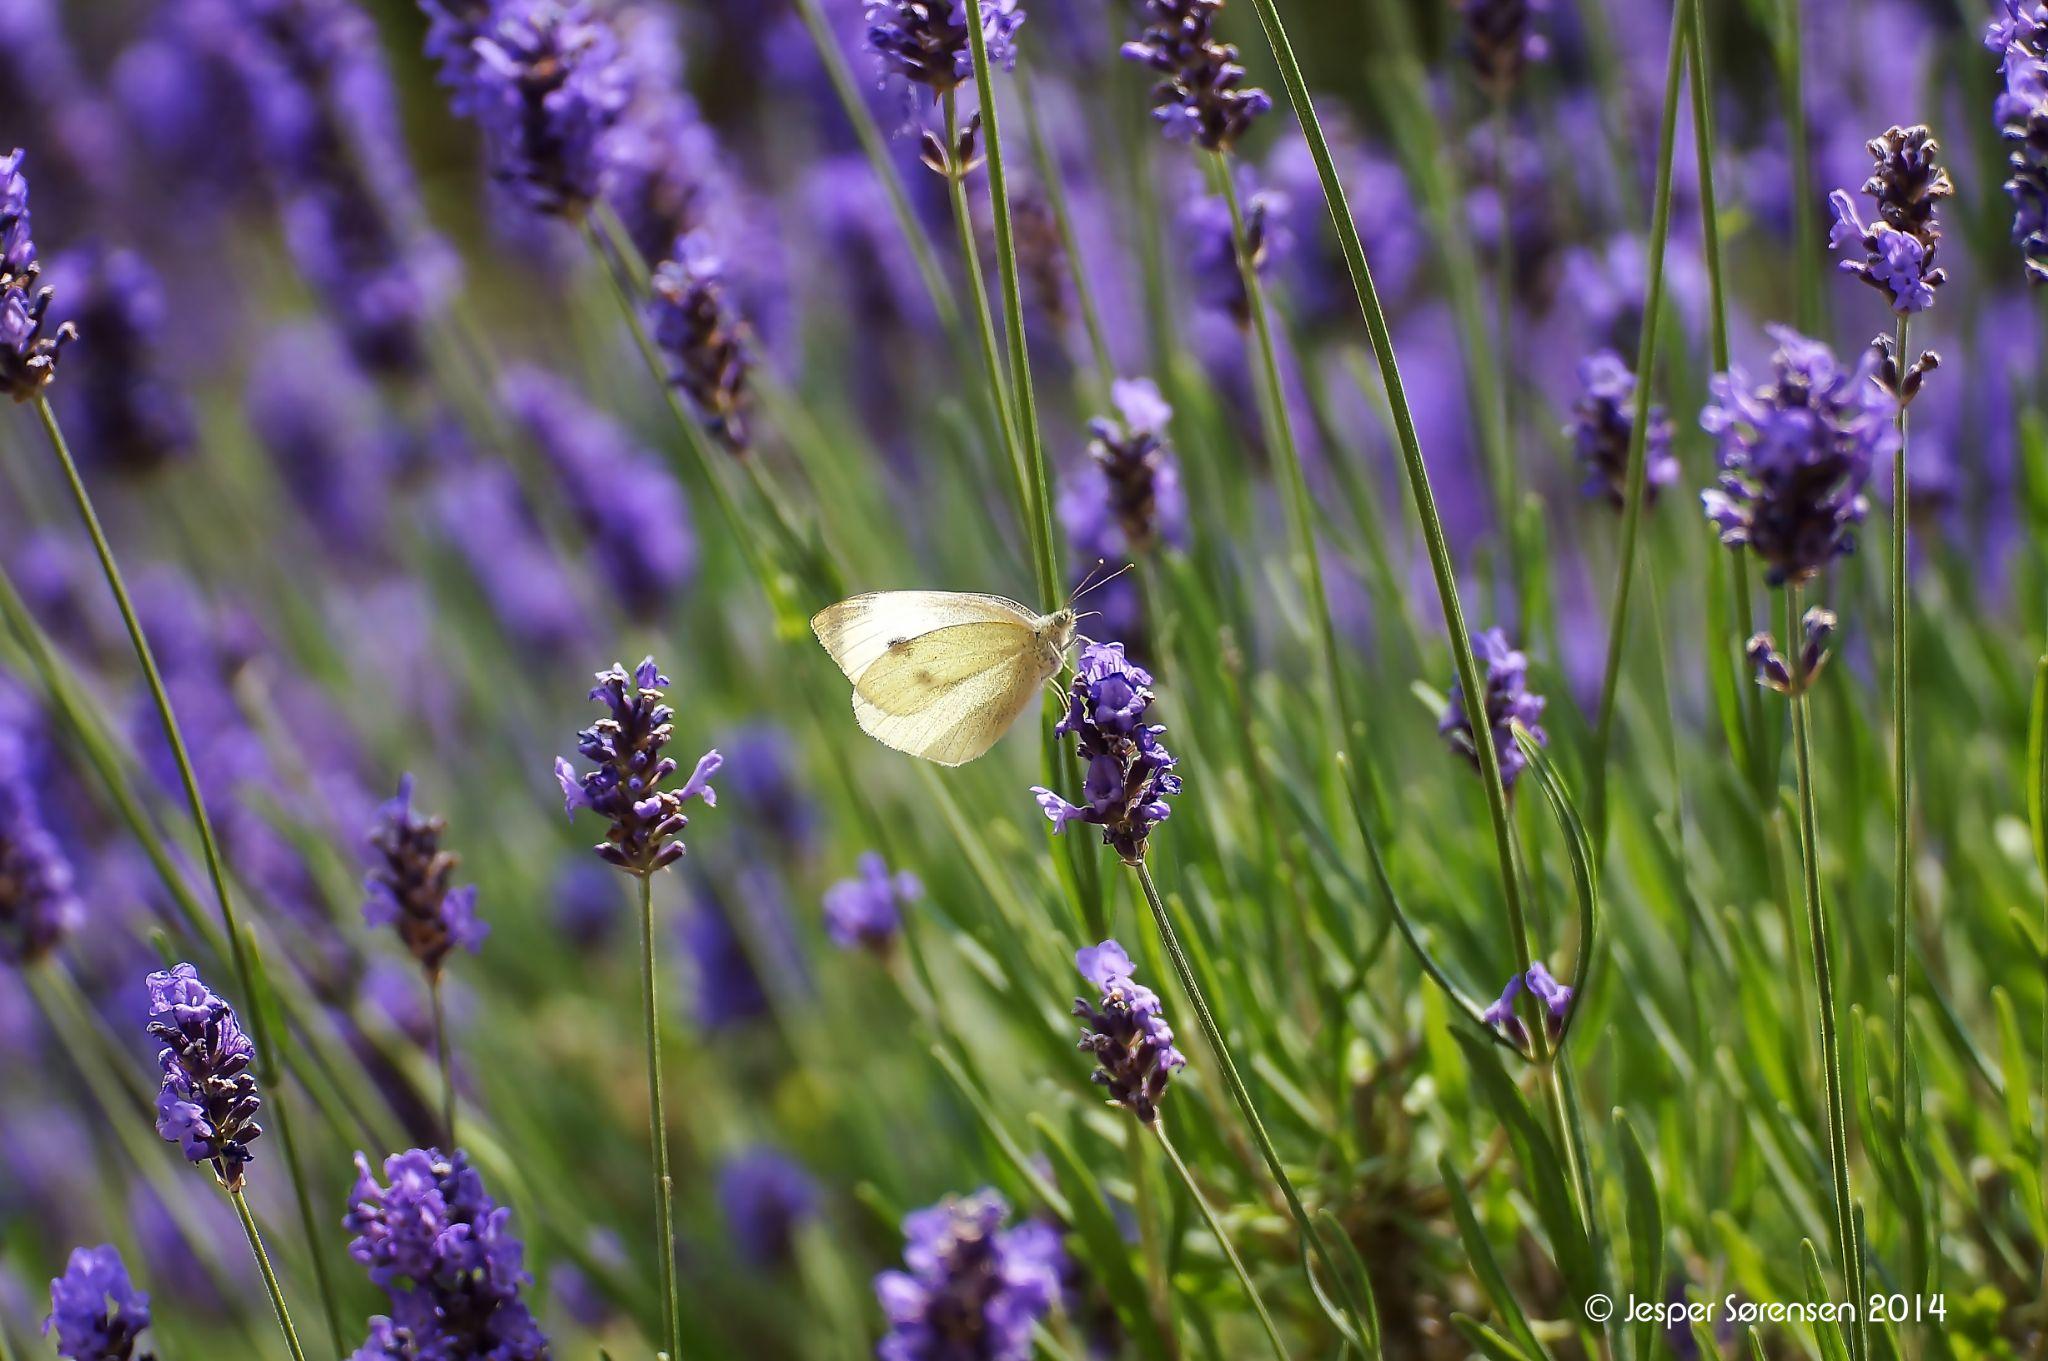 white butterfly by Jesper Sorensen